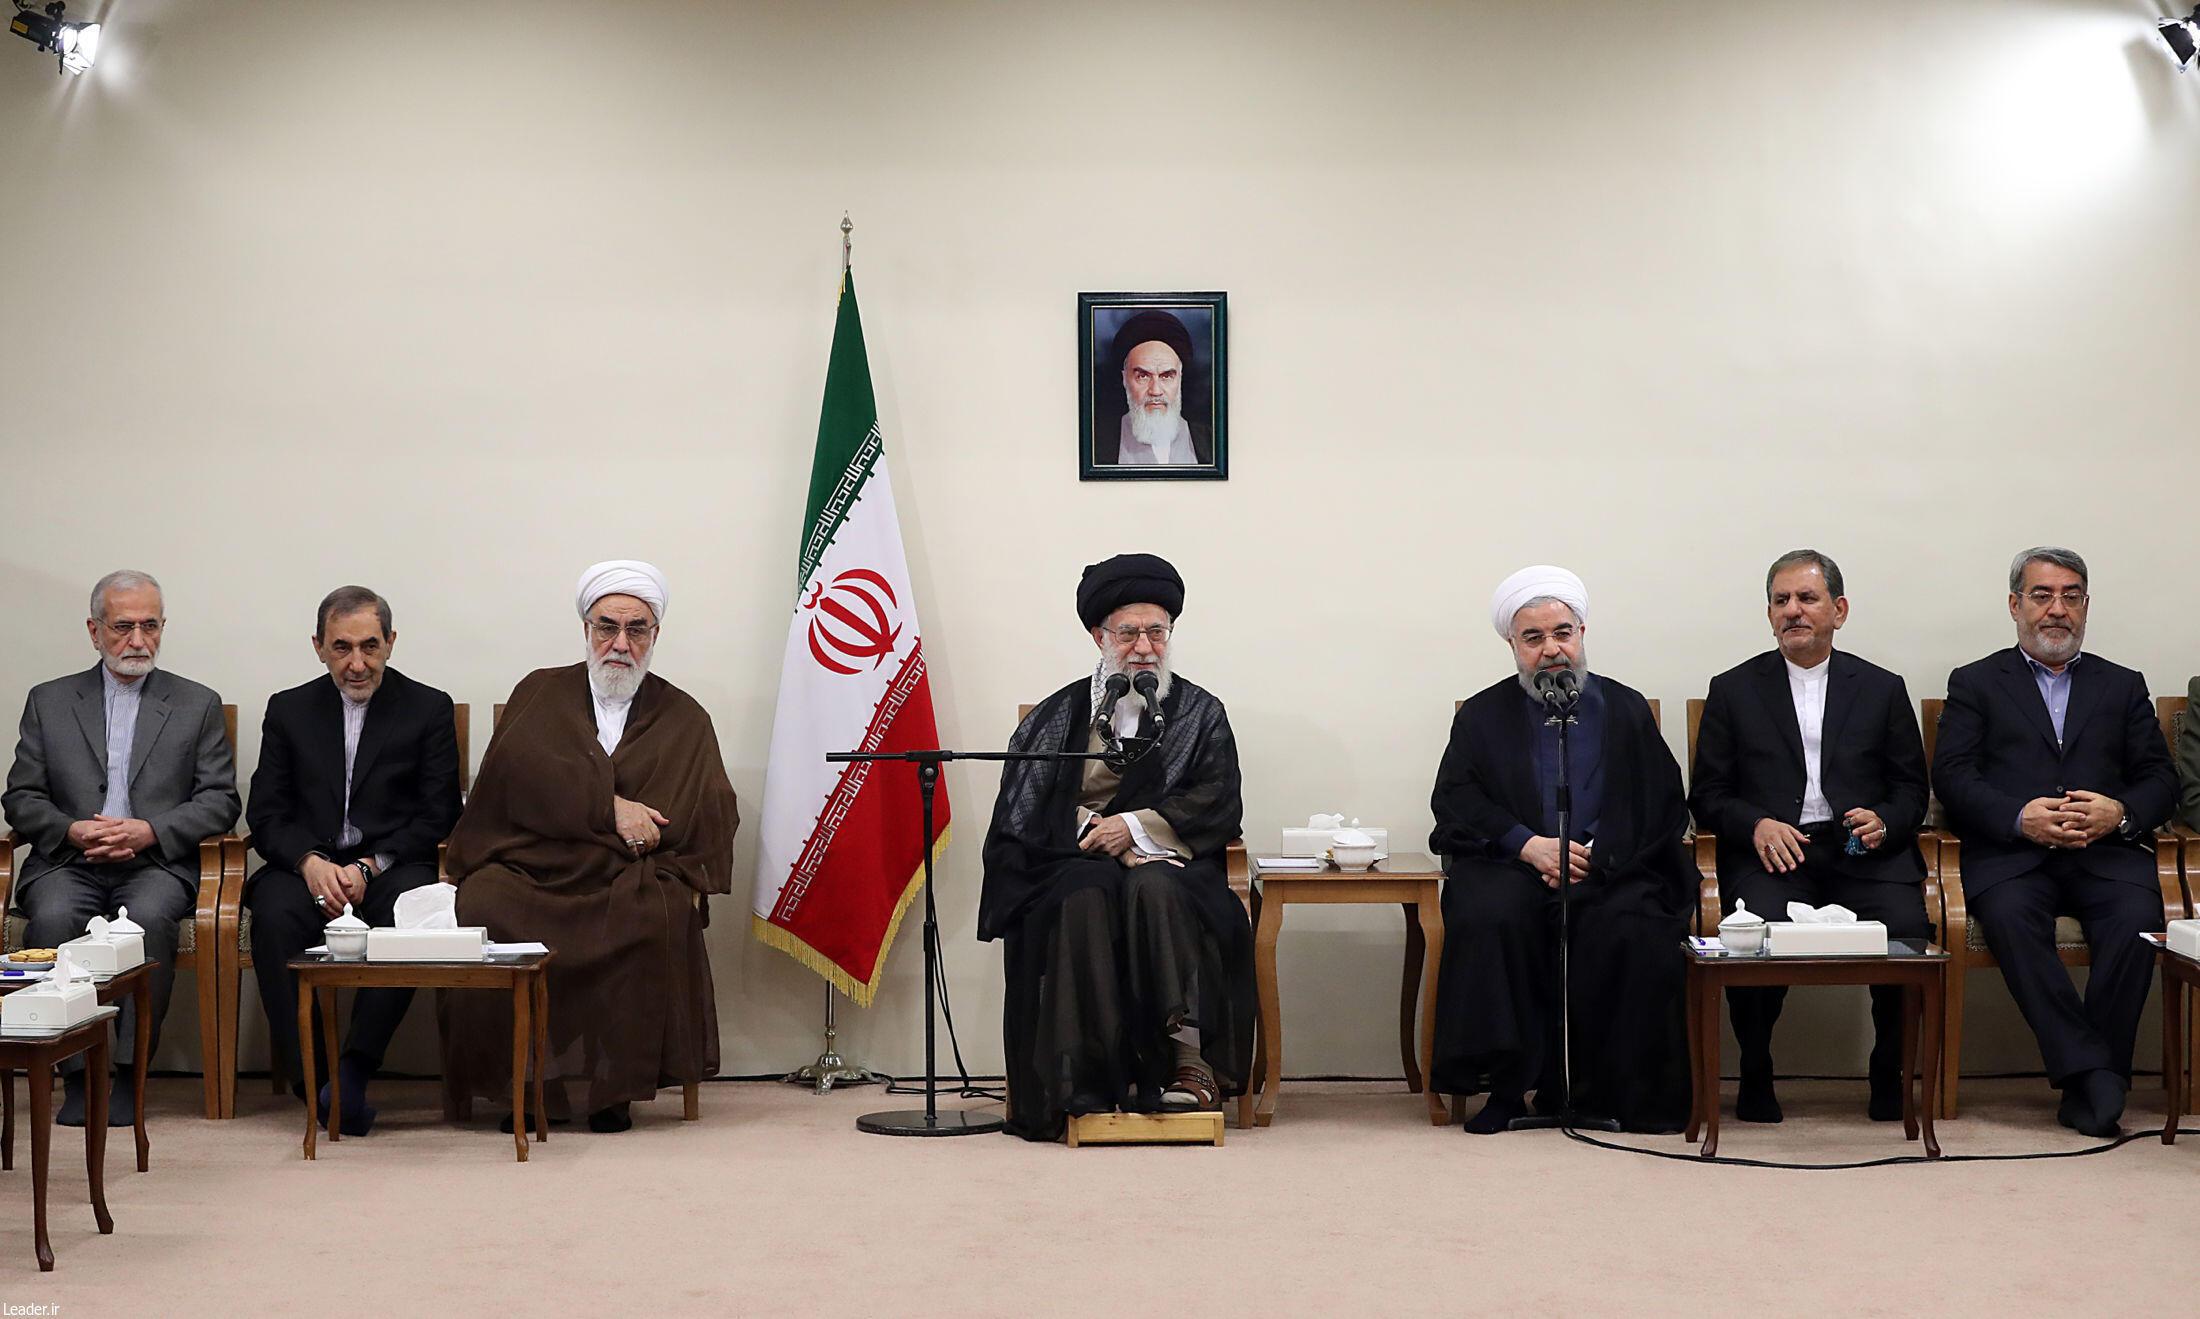 آیتالله علی خامنهای در دیدار با اعضای هیئت دولت ایران